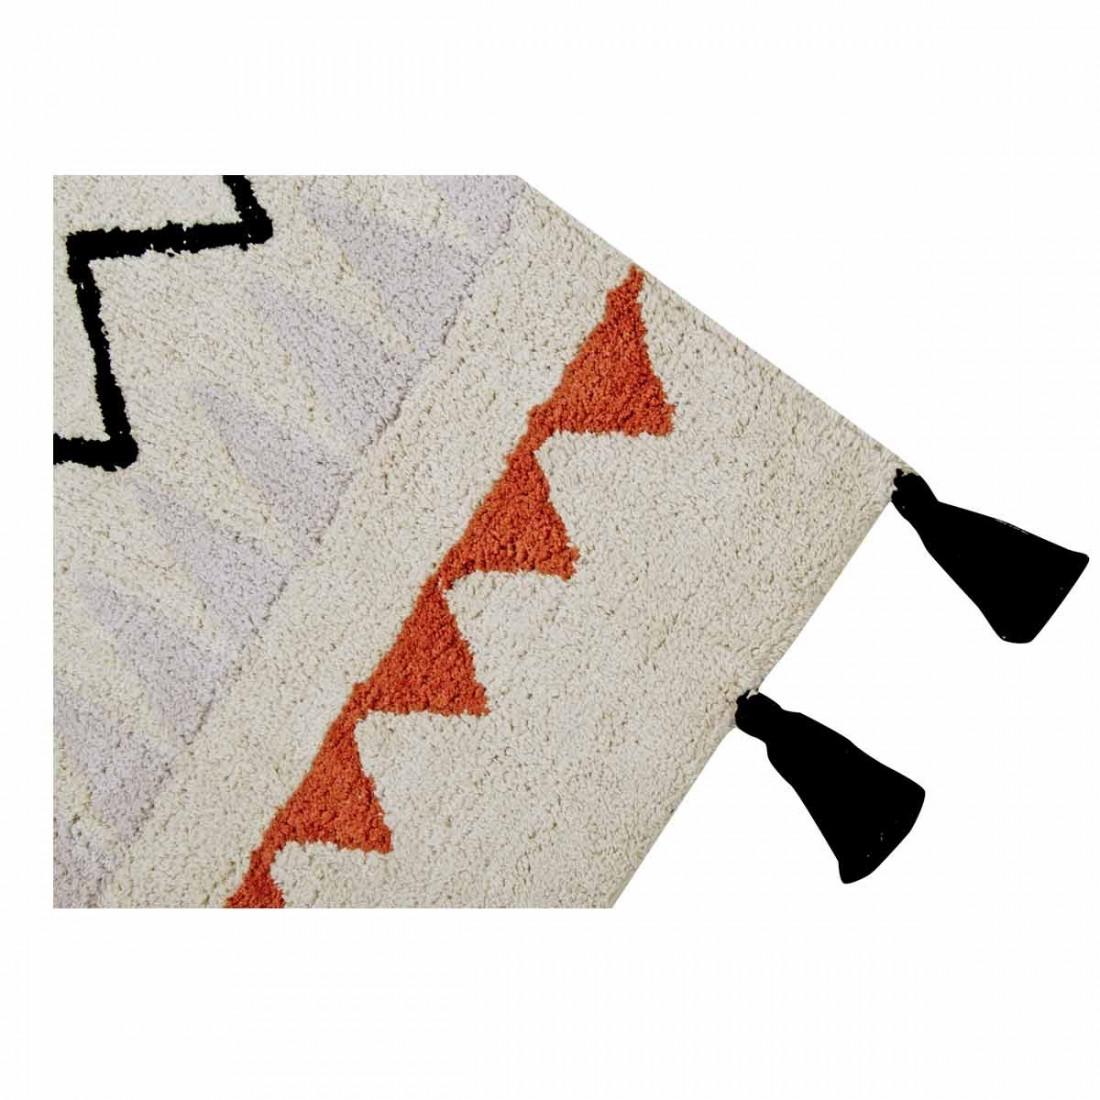 Tapis Coton Lavable Motifs Azt Que Beige Orange Noir Et